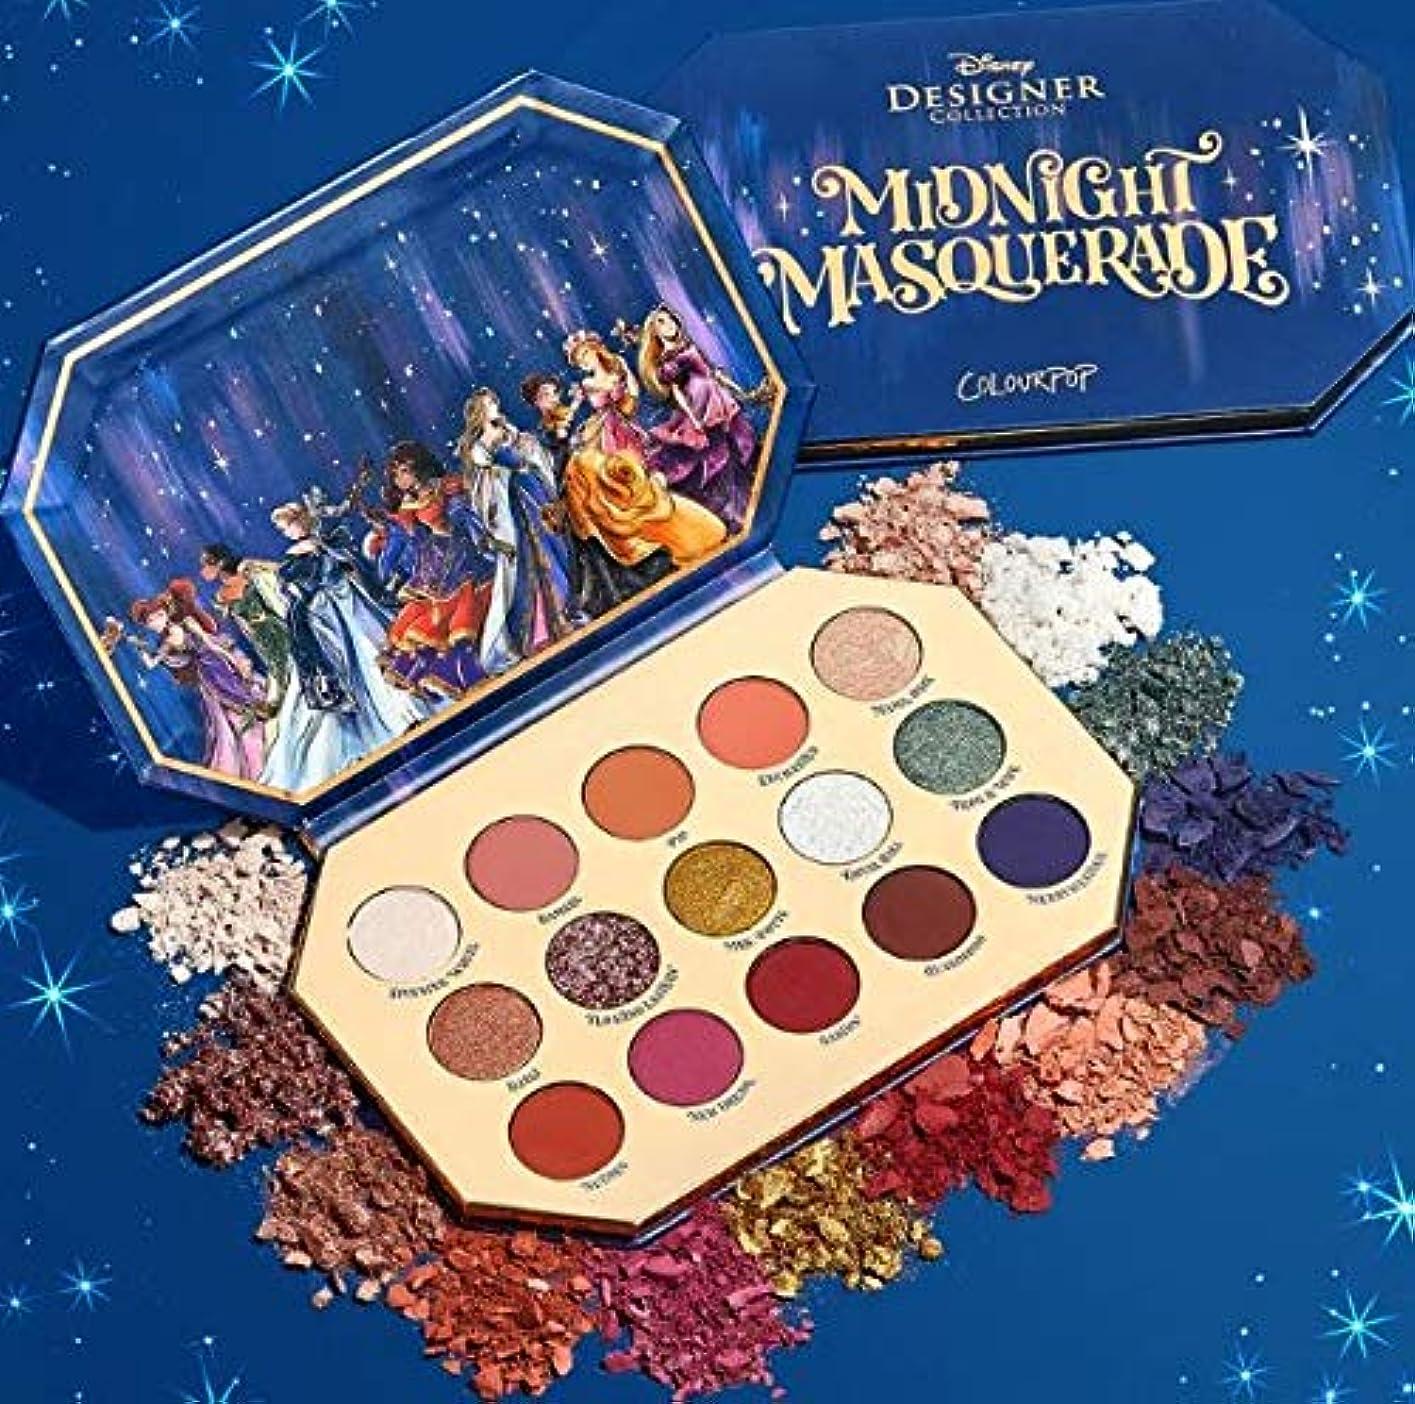 迷信行く探検カラーポップ (ColourPop)midnight masquerade アイシャドウパレット ディスニーコラボ